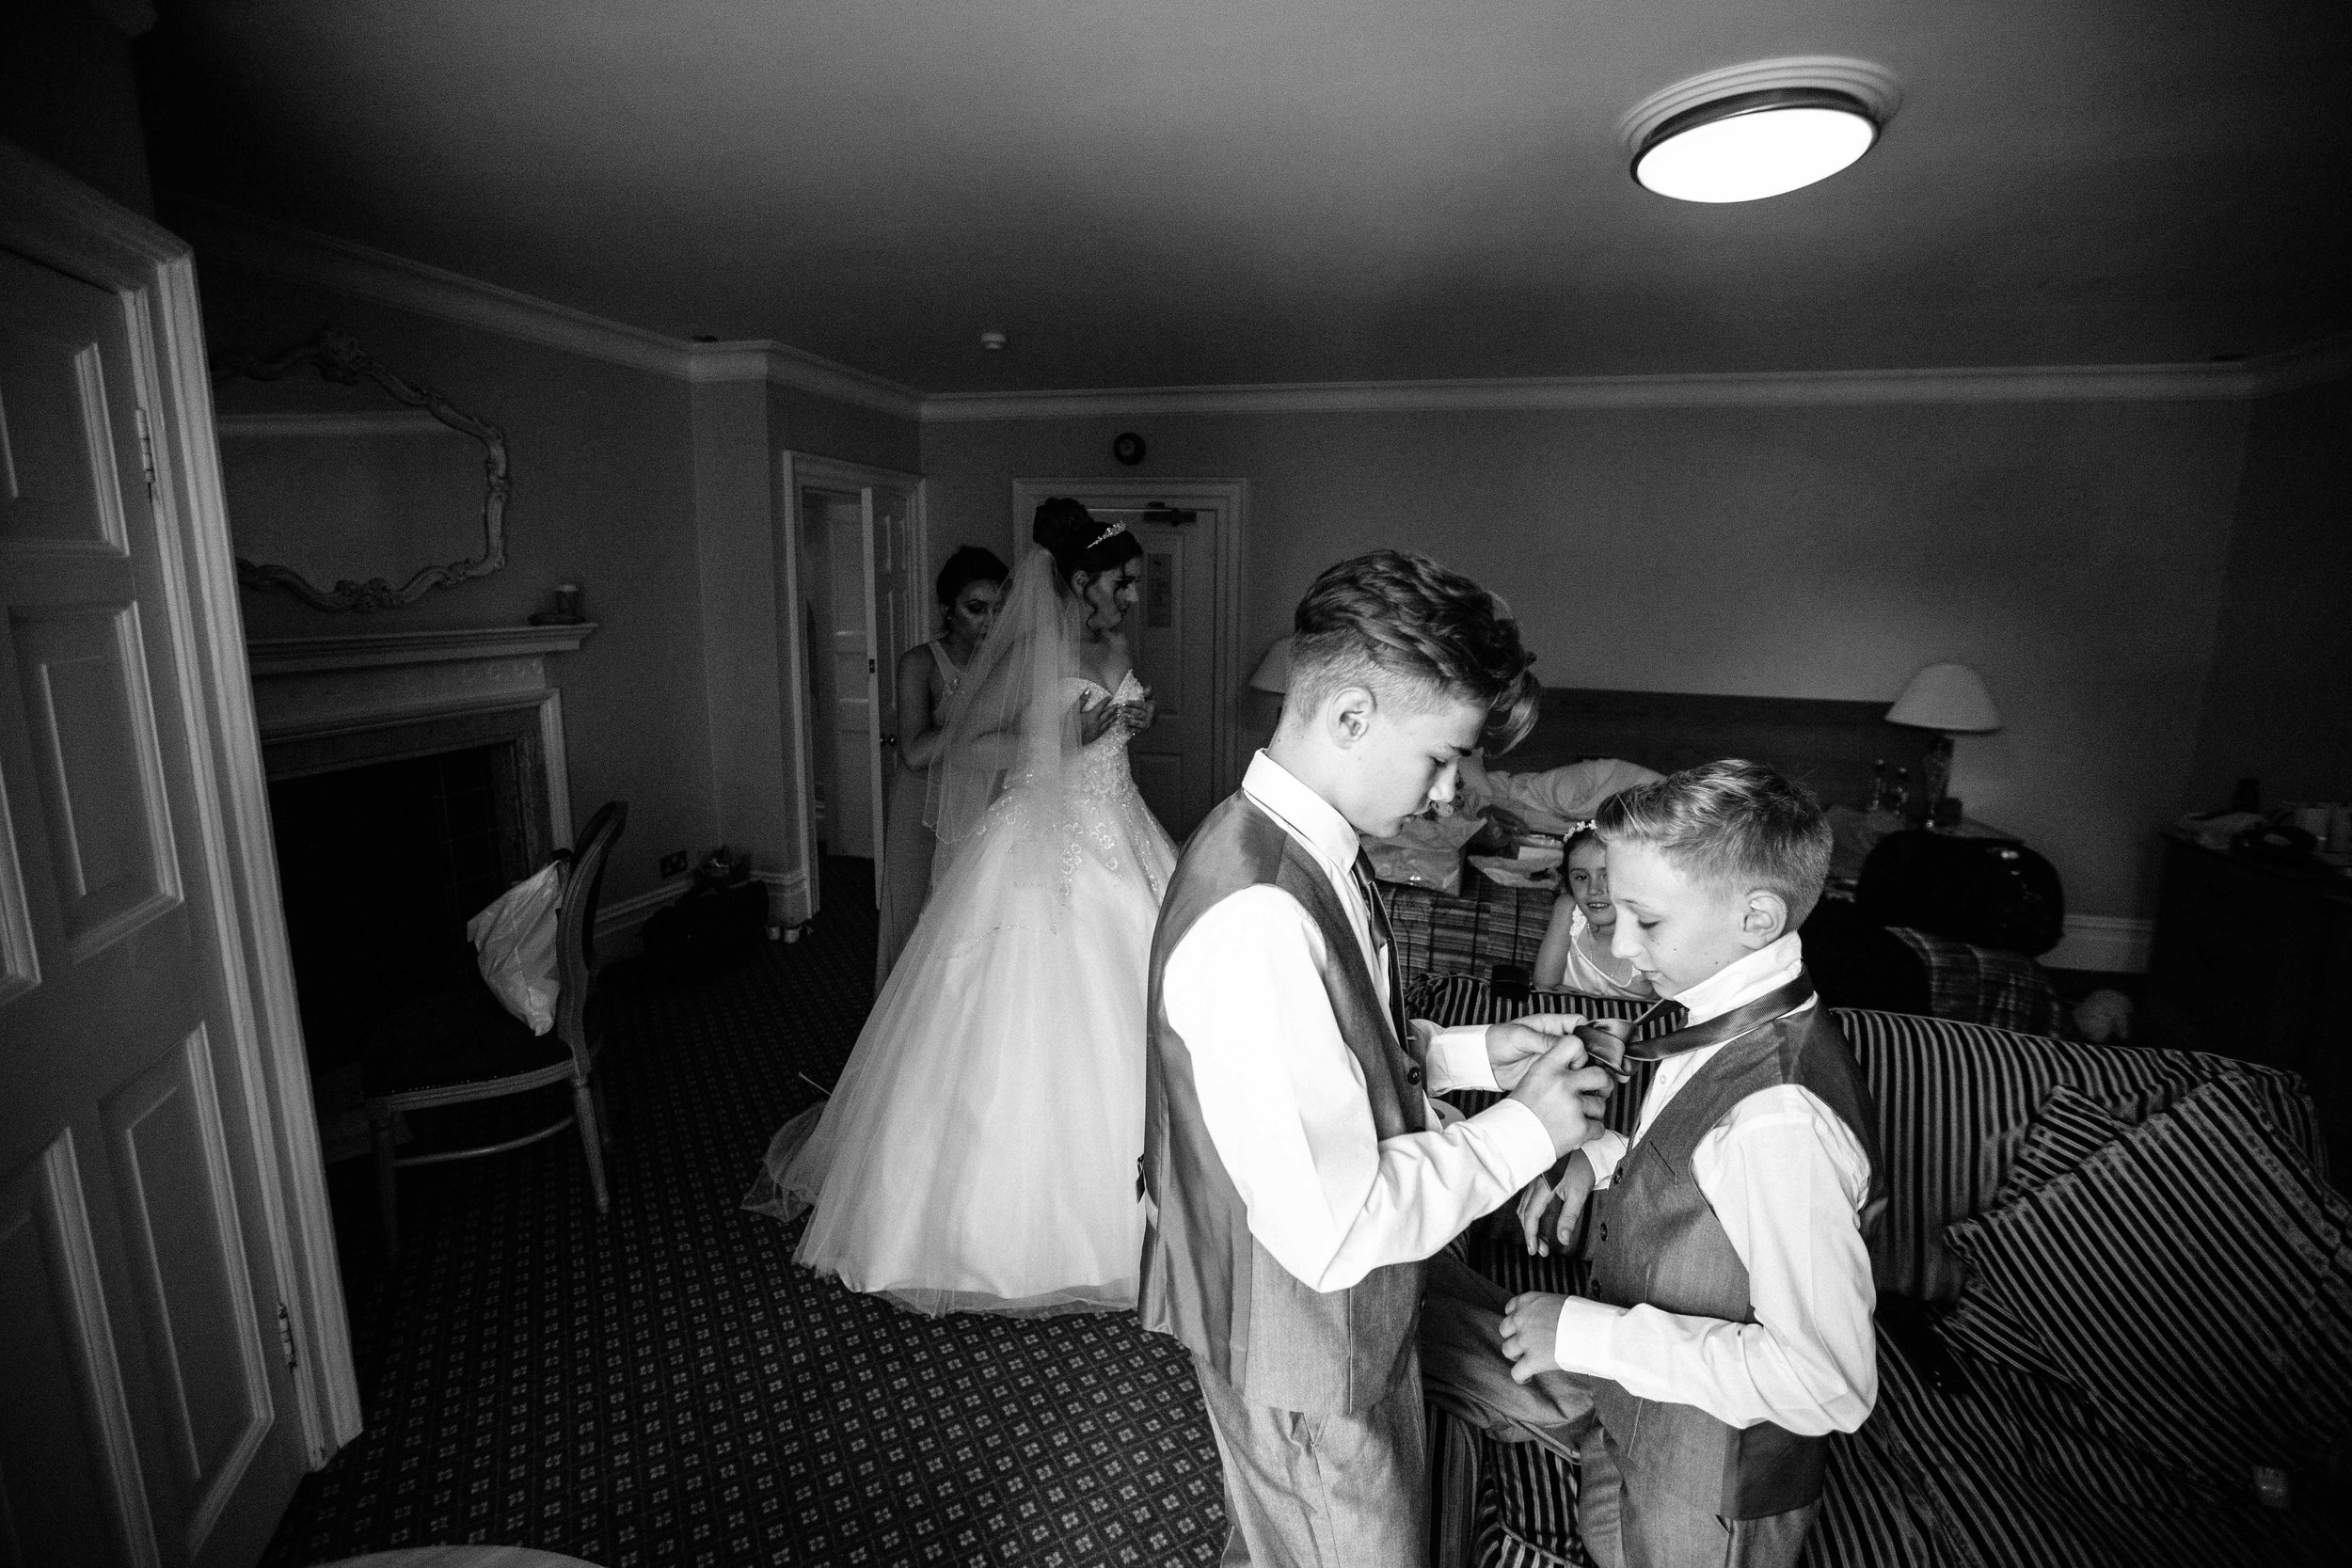 HamptonCourt-Wedding-Weybridge-Surrey-London-OatlandsParkHotel-09